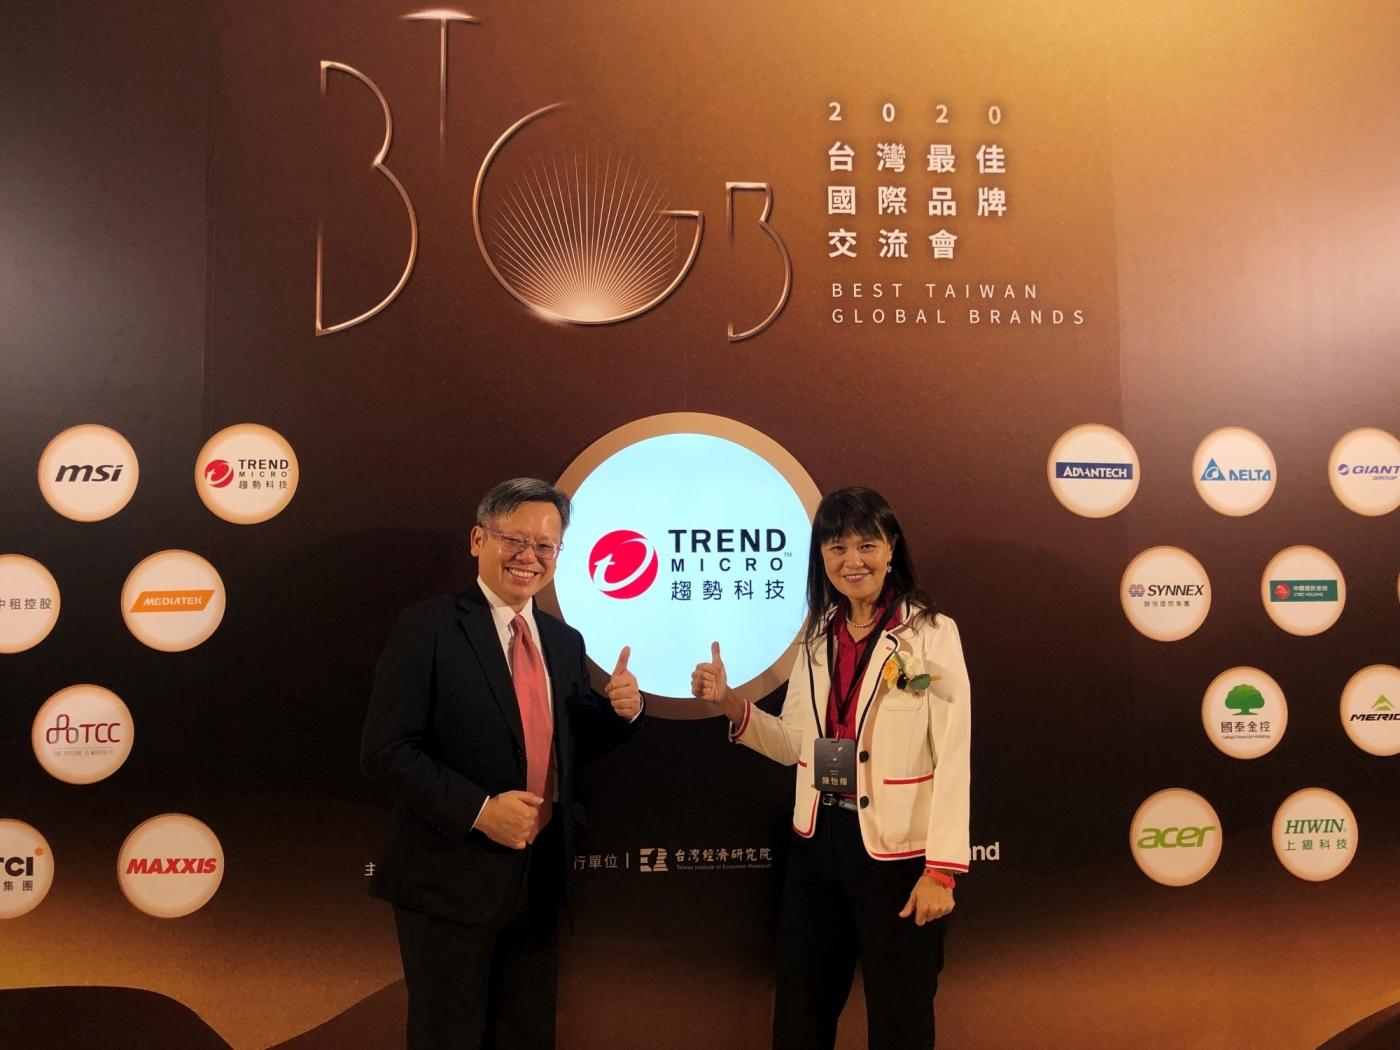 台灣25大國際品牌揭曉,資安、健康品牌大爆發!誰擠下蟬聯7年的華碩奪冠?